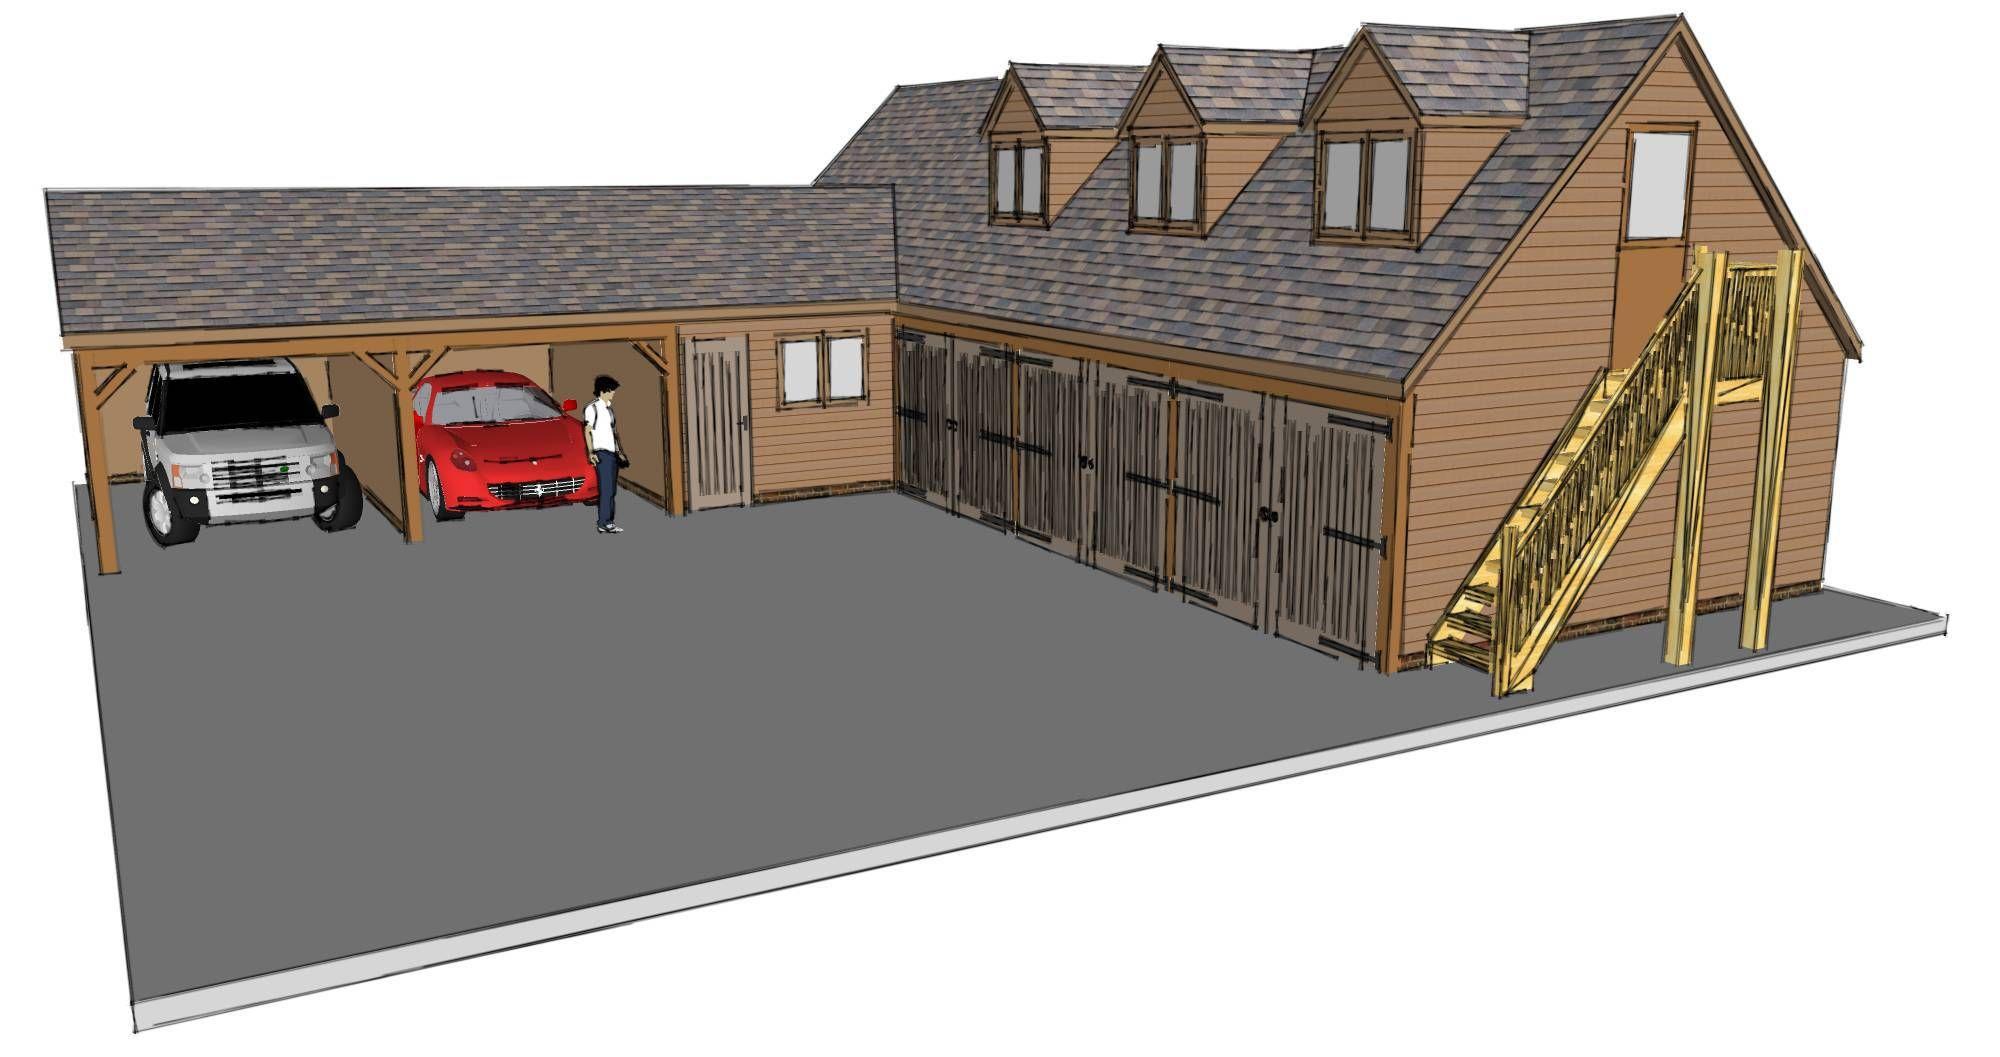 L Shaped Garage Scheme The Stable Company Garage Design Garage Plans Timber Frame Building